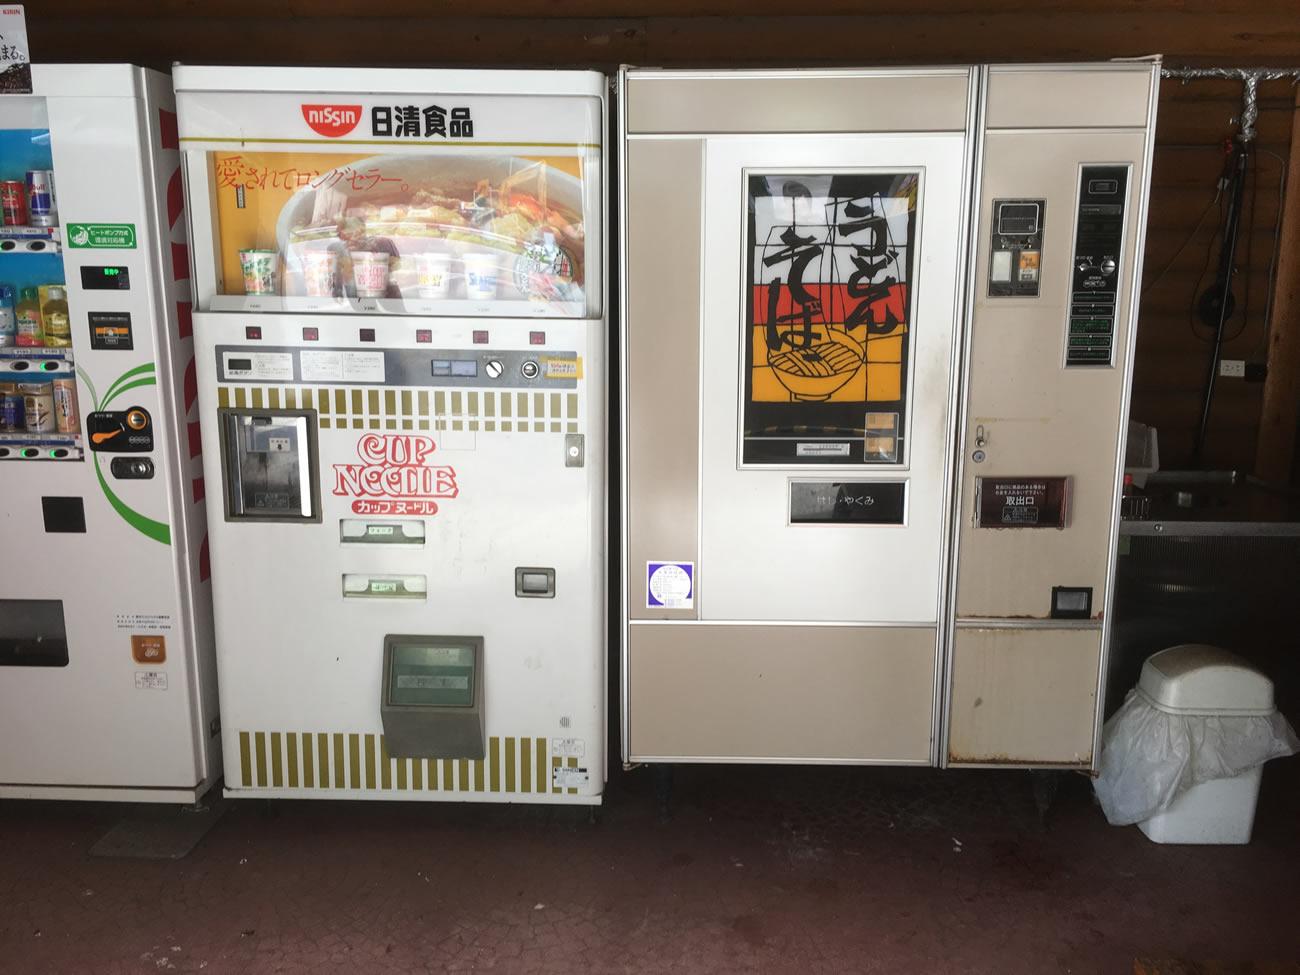 岡山県高梁市おうどん・蕎麦の珍しい自動販売機を発見